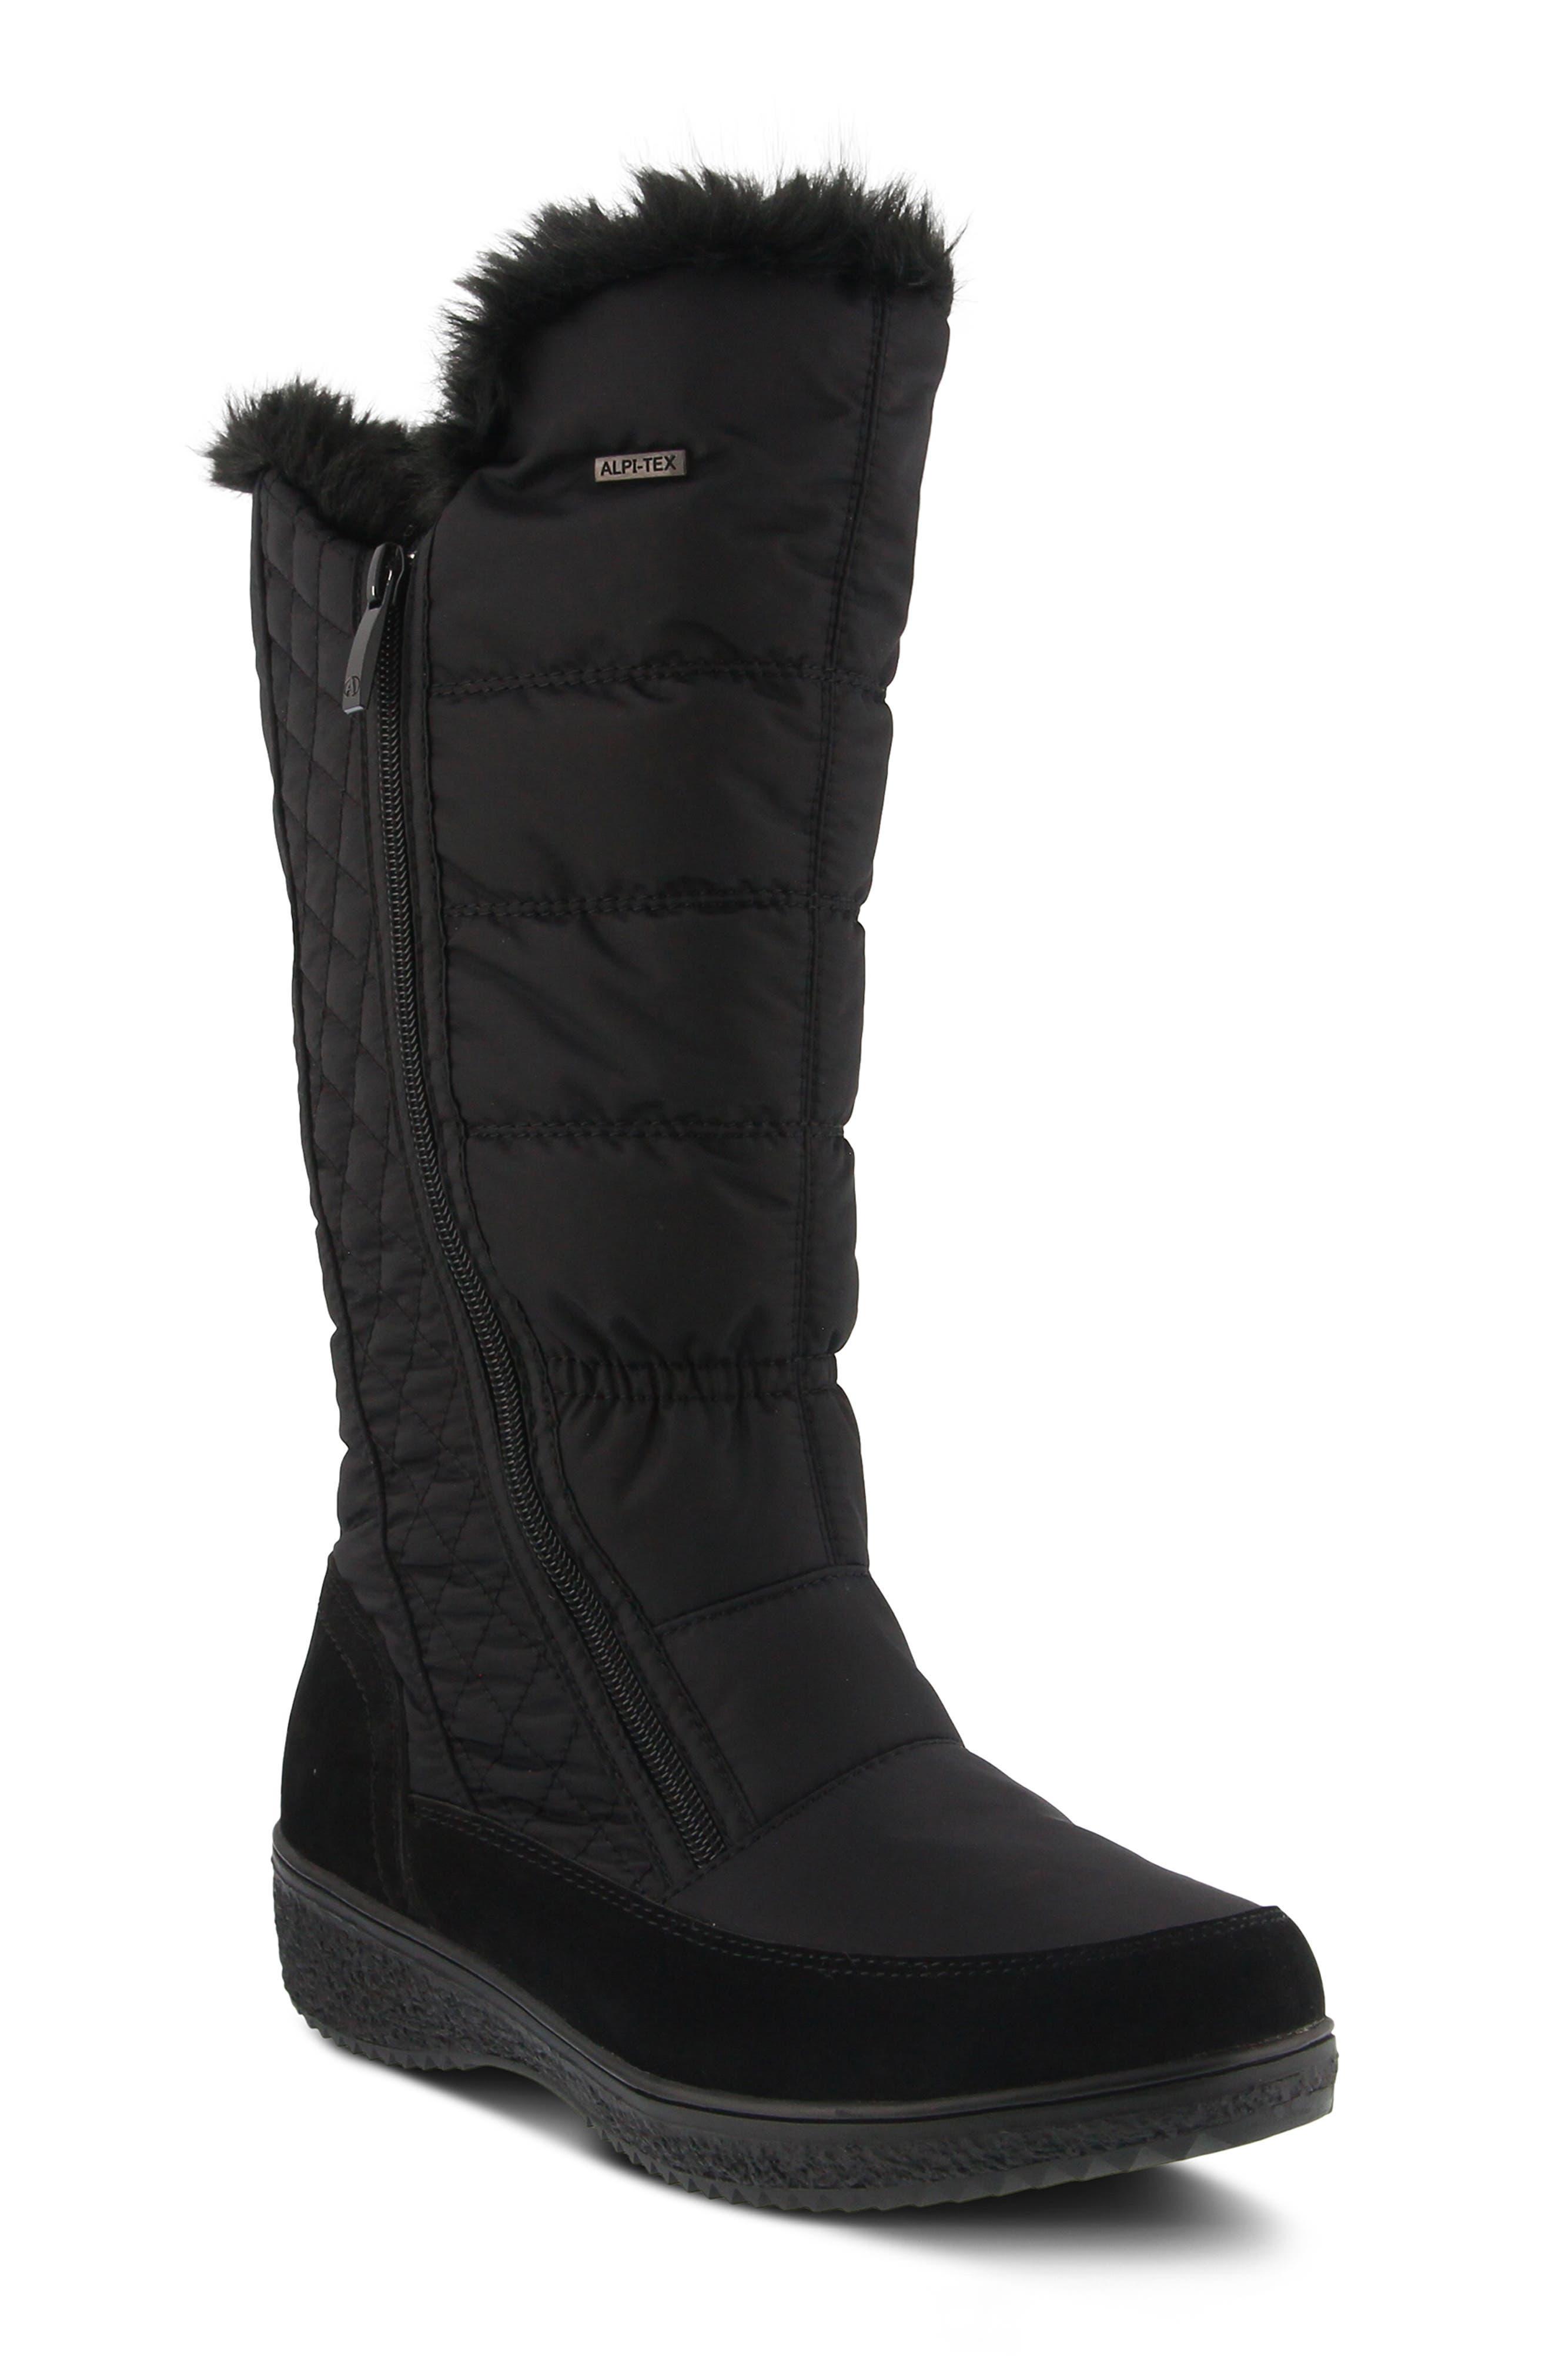 Spring Step Mireya Waterproof Faux Fur Lined Boot - Black